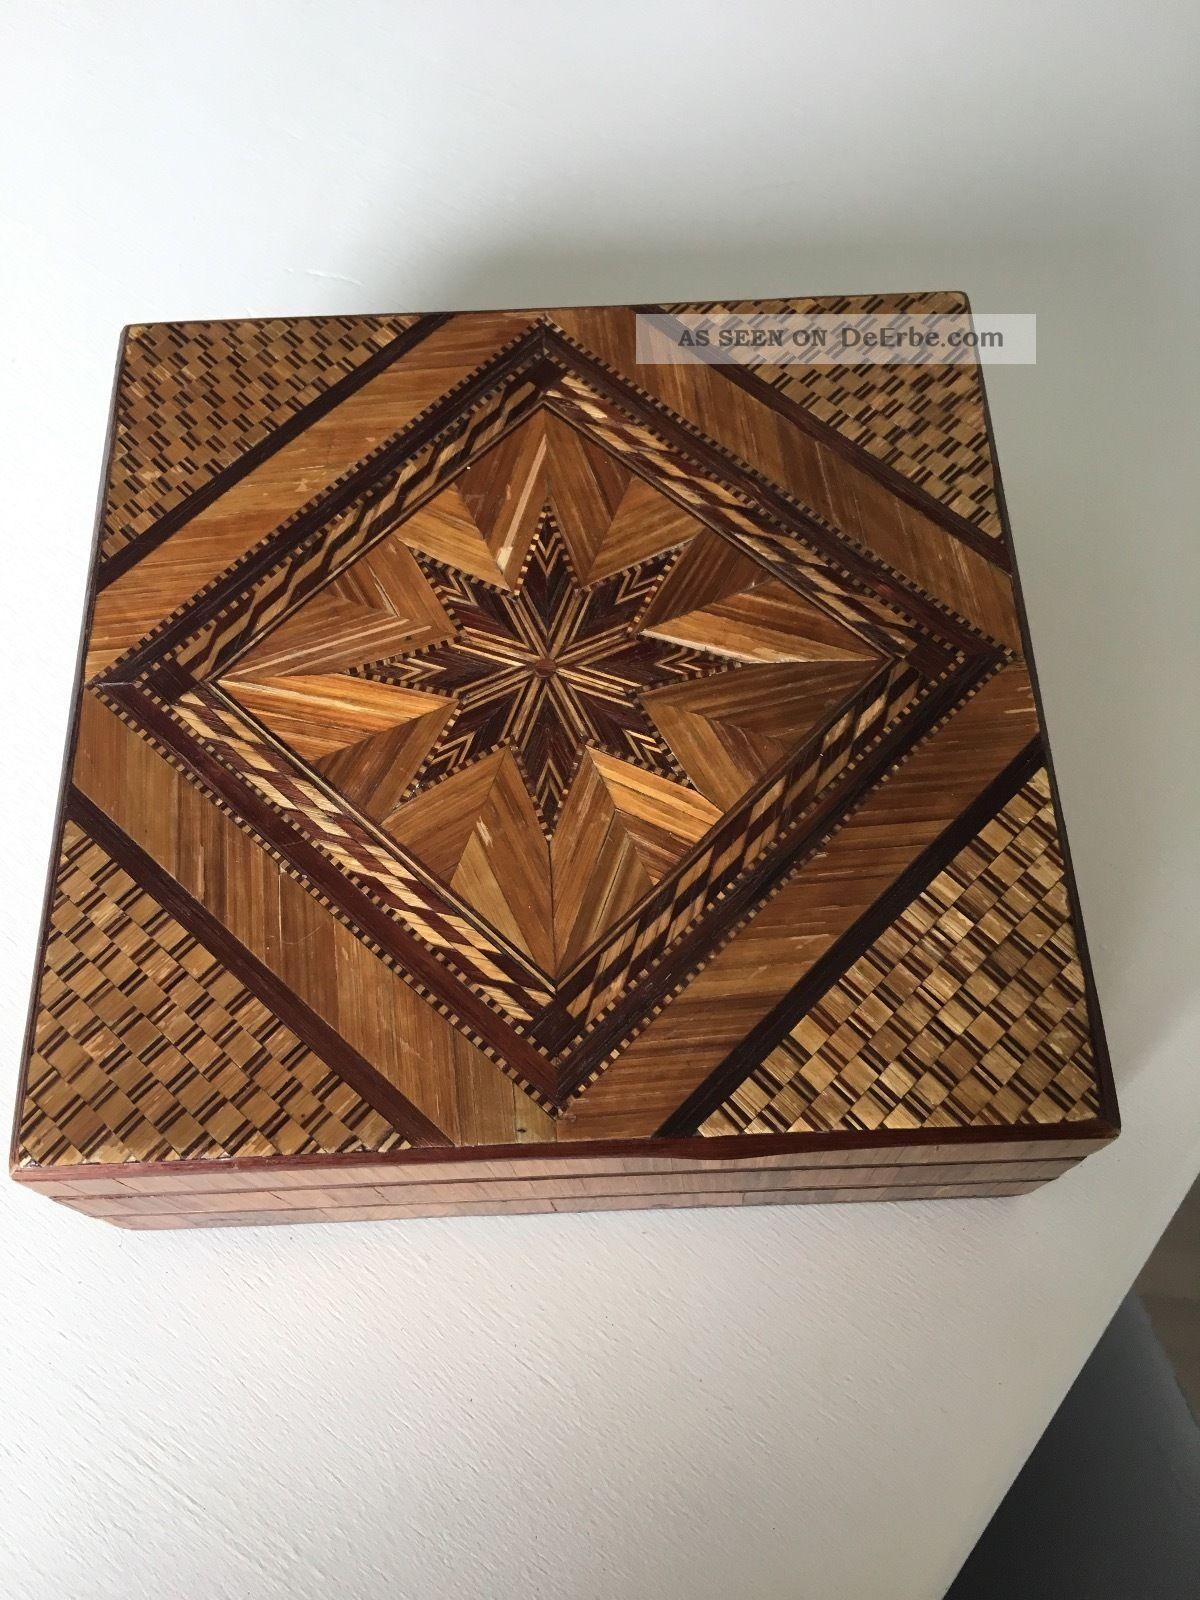 Schöne Kiste Aus Holz Holzarbeiten Bild